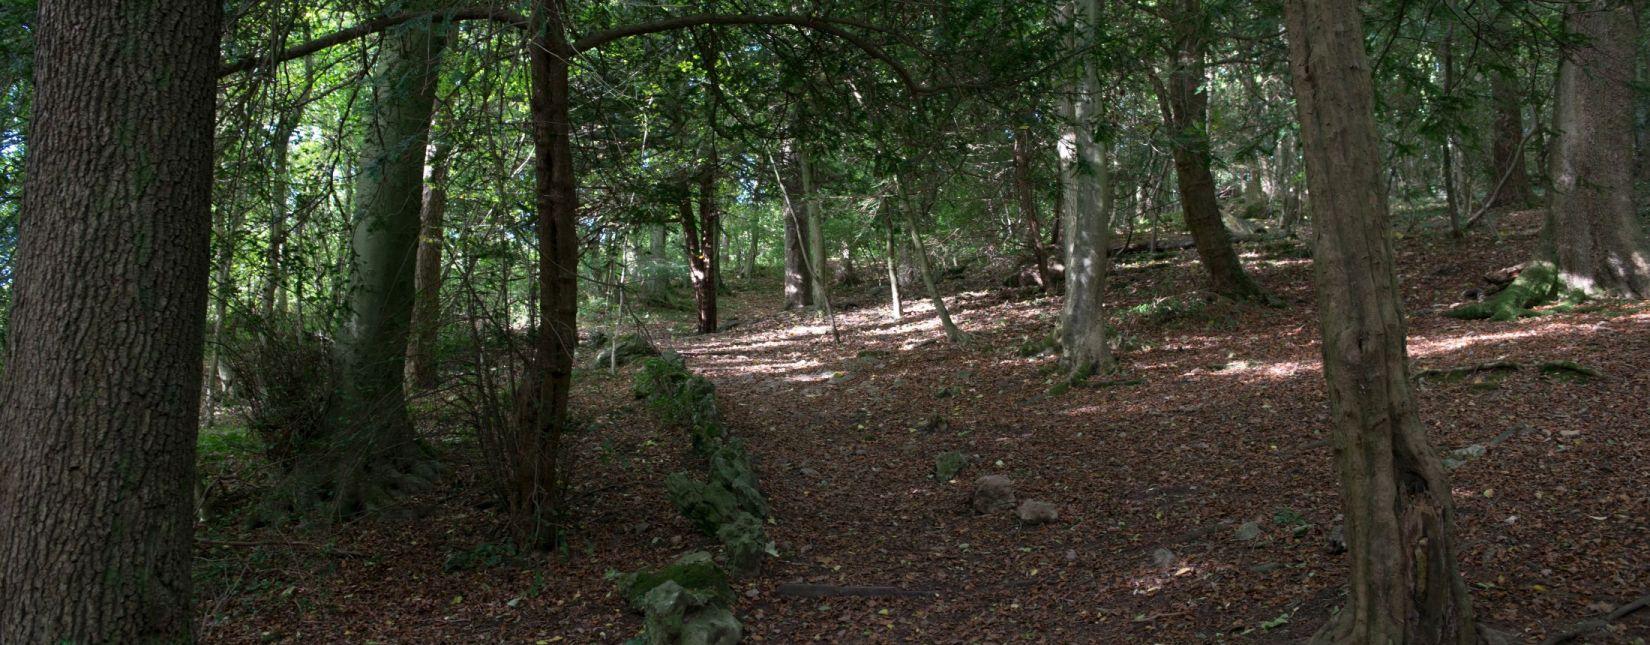 Explore Serpentine Woods in Kendal